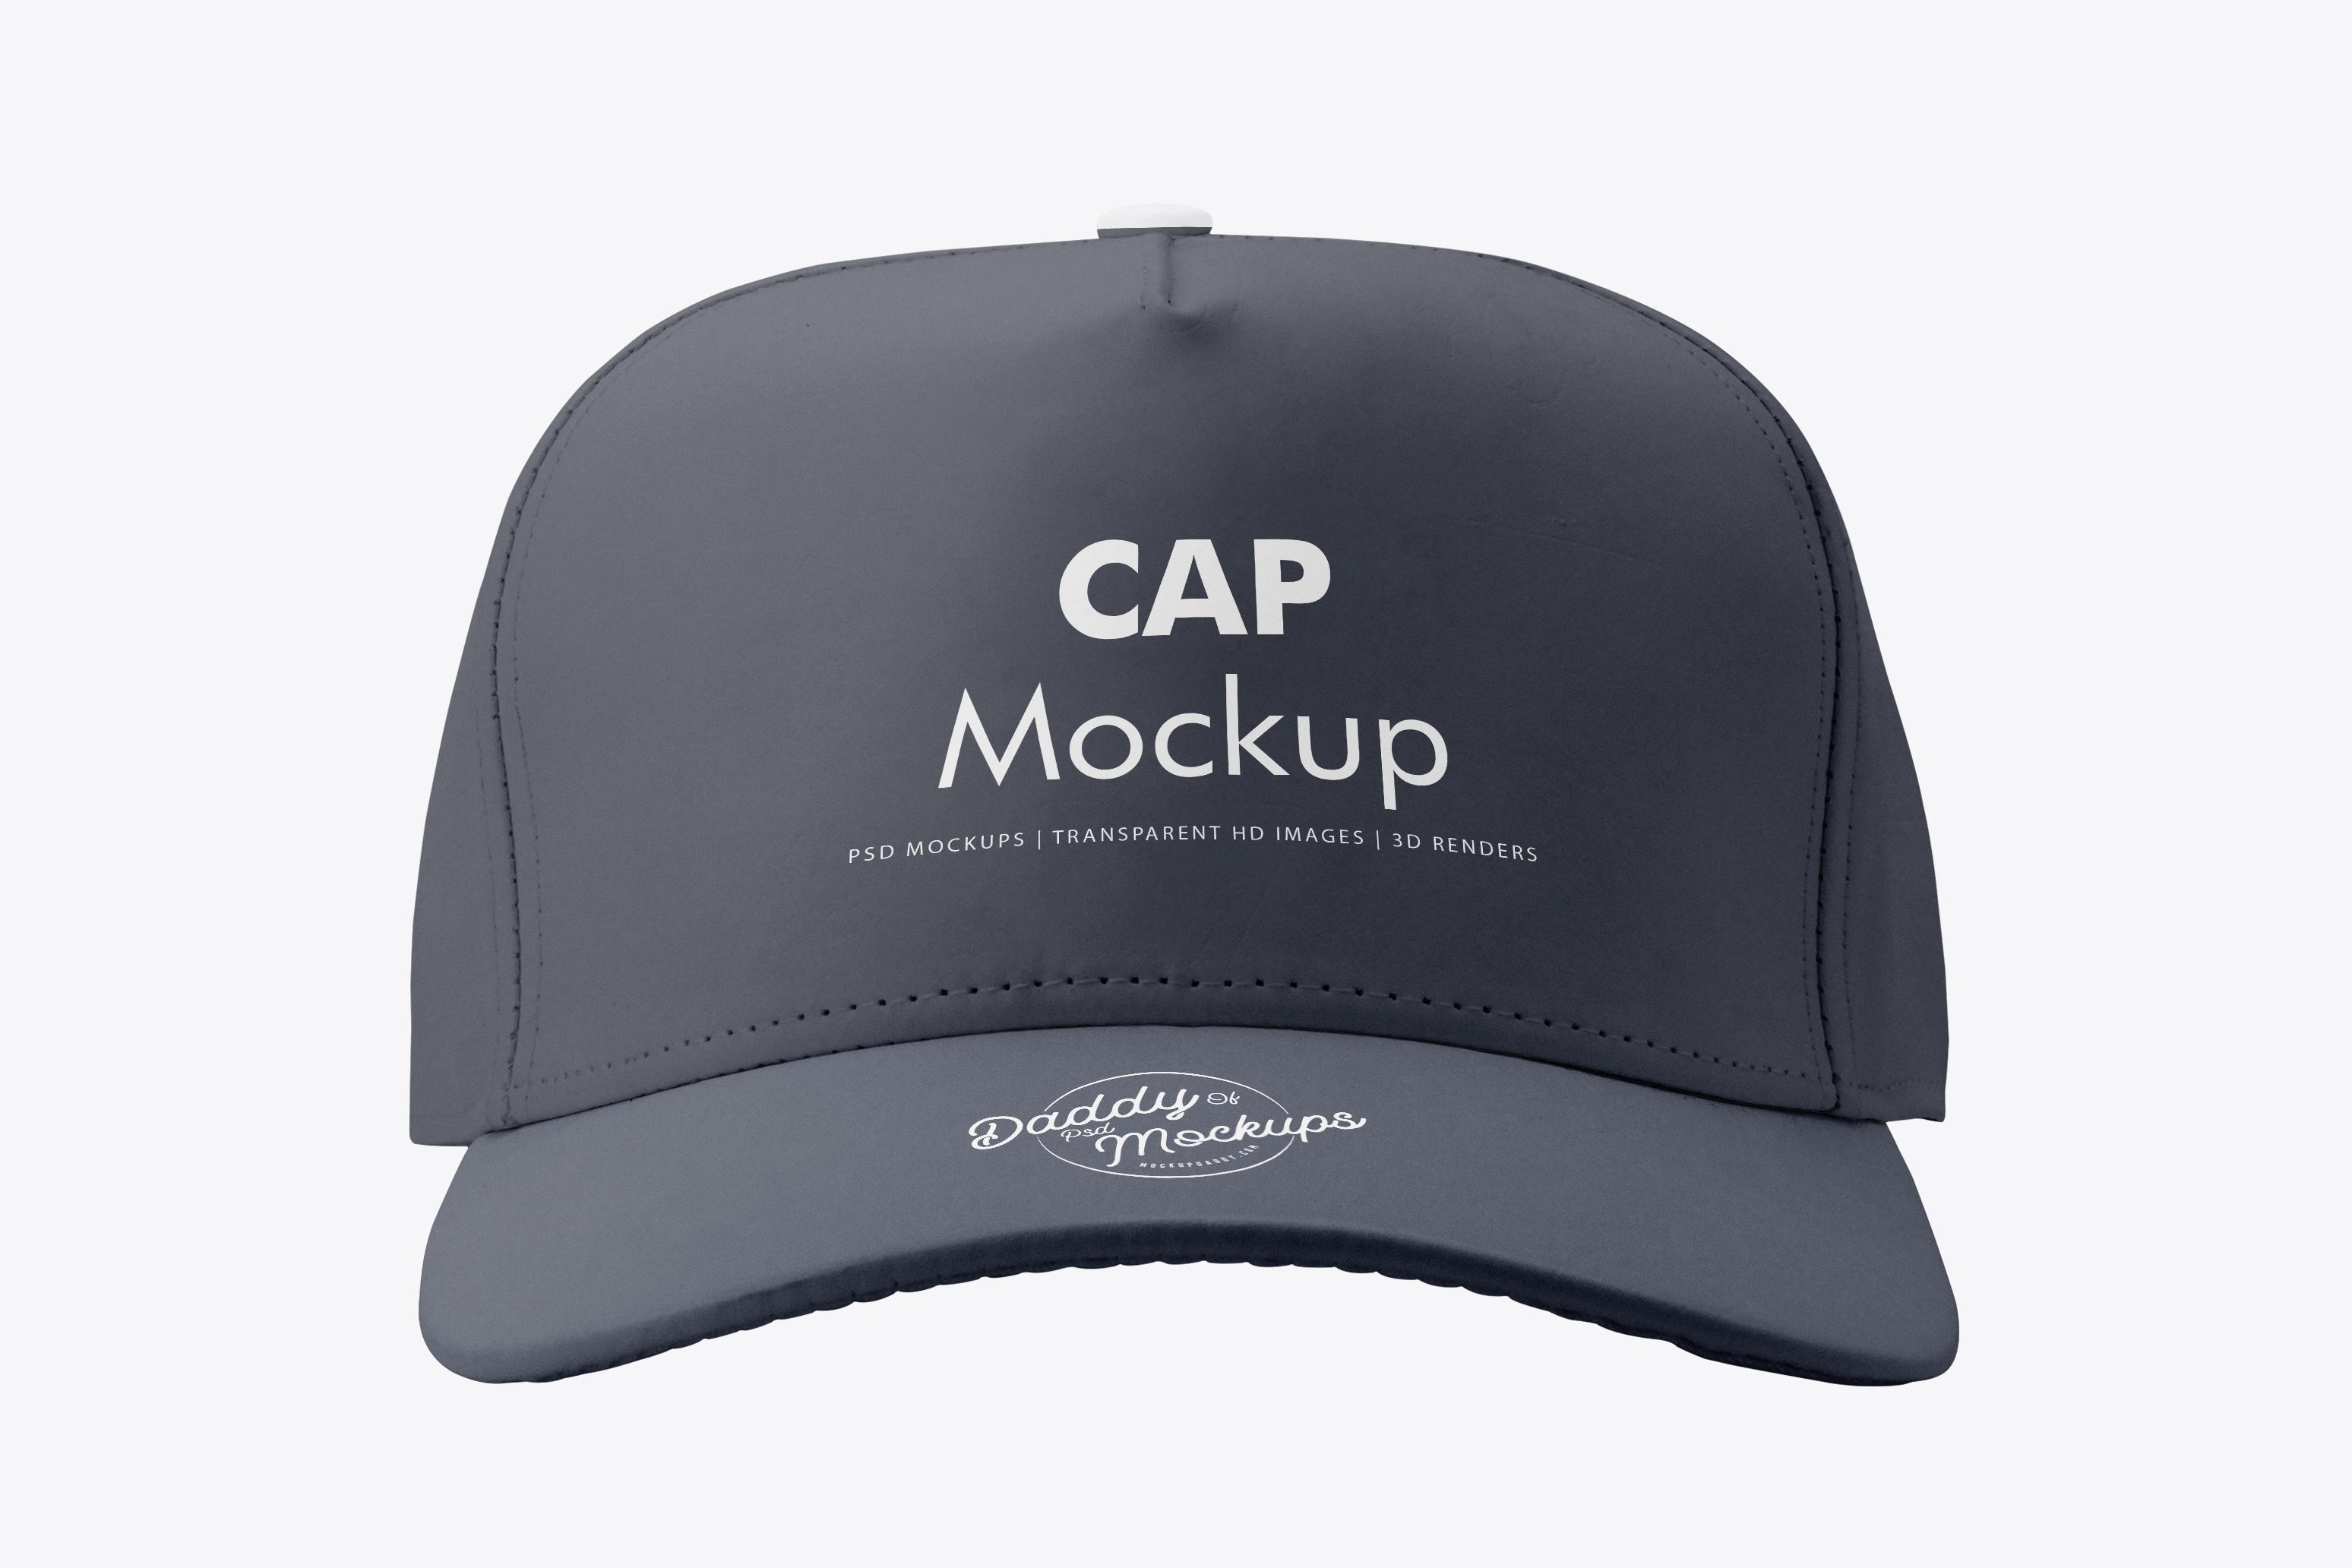 Cap Mockup 1